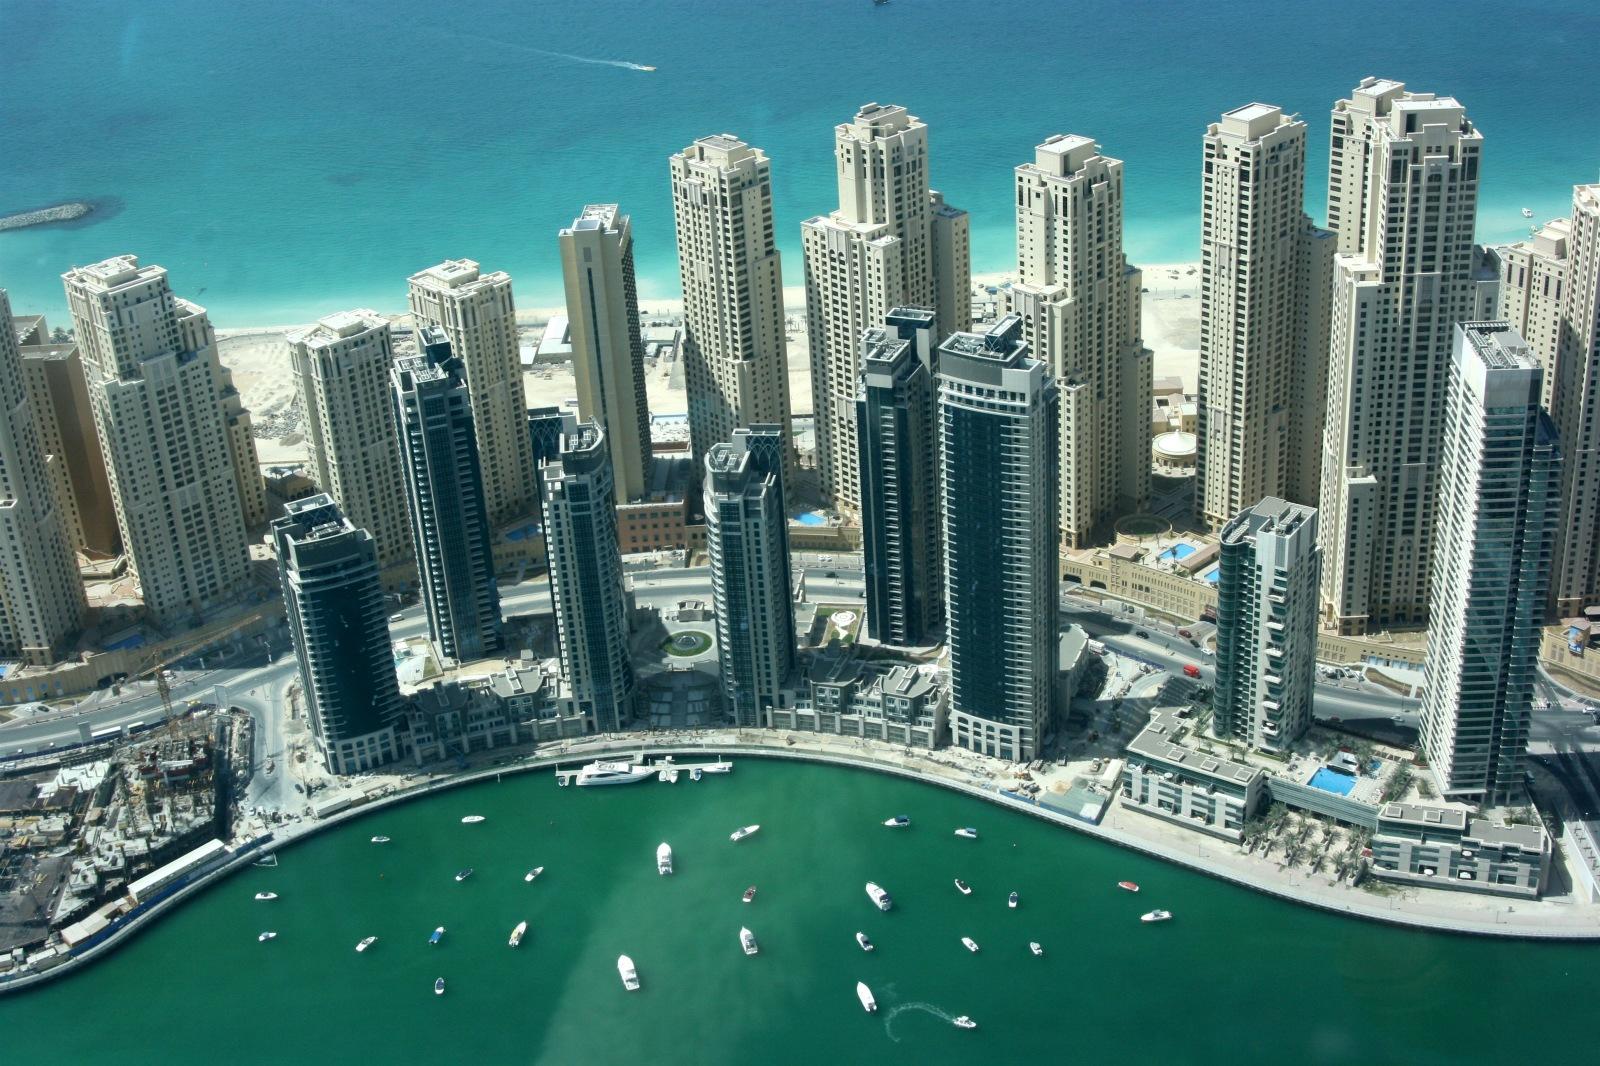 غلاء المعيشة و  الإيجارات  تحديات أمام سكان الإمارات